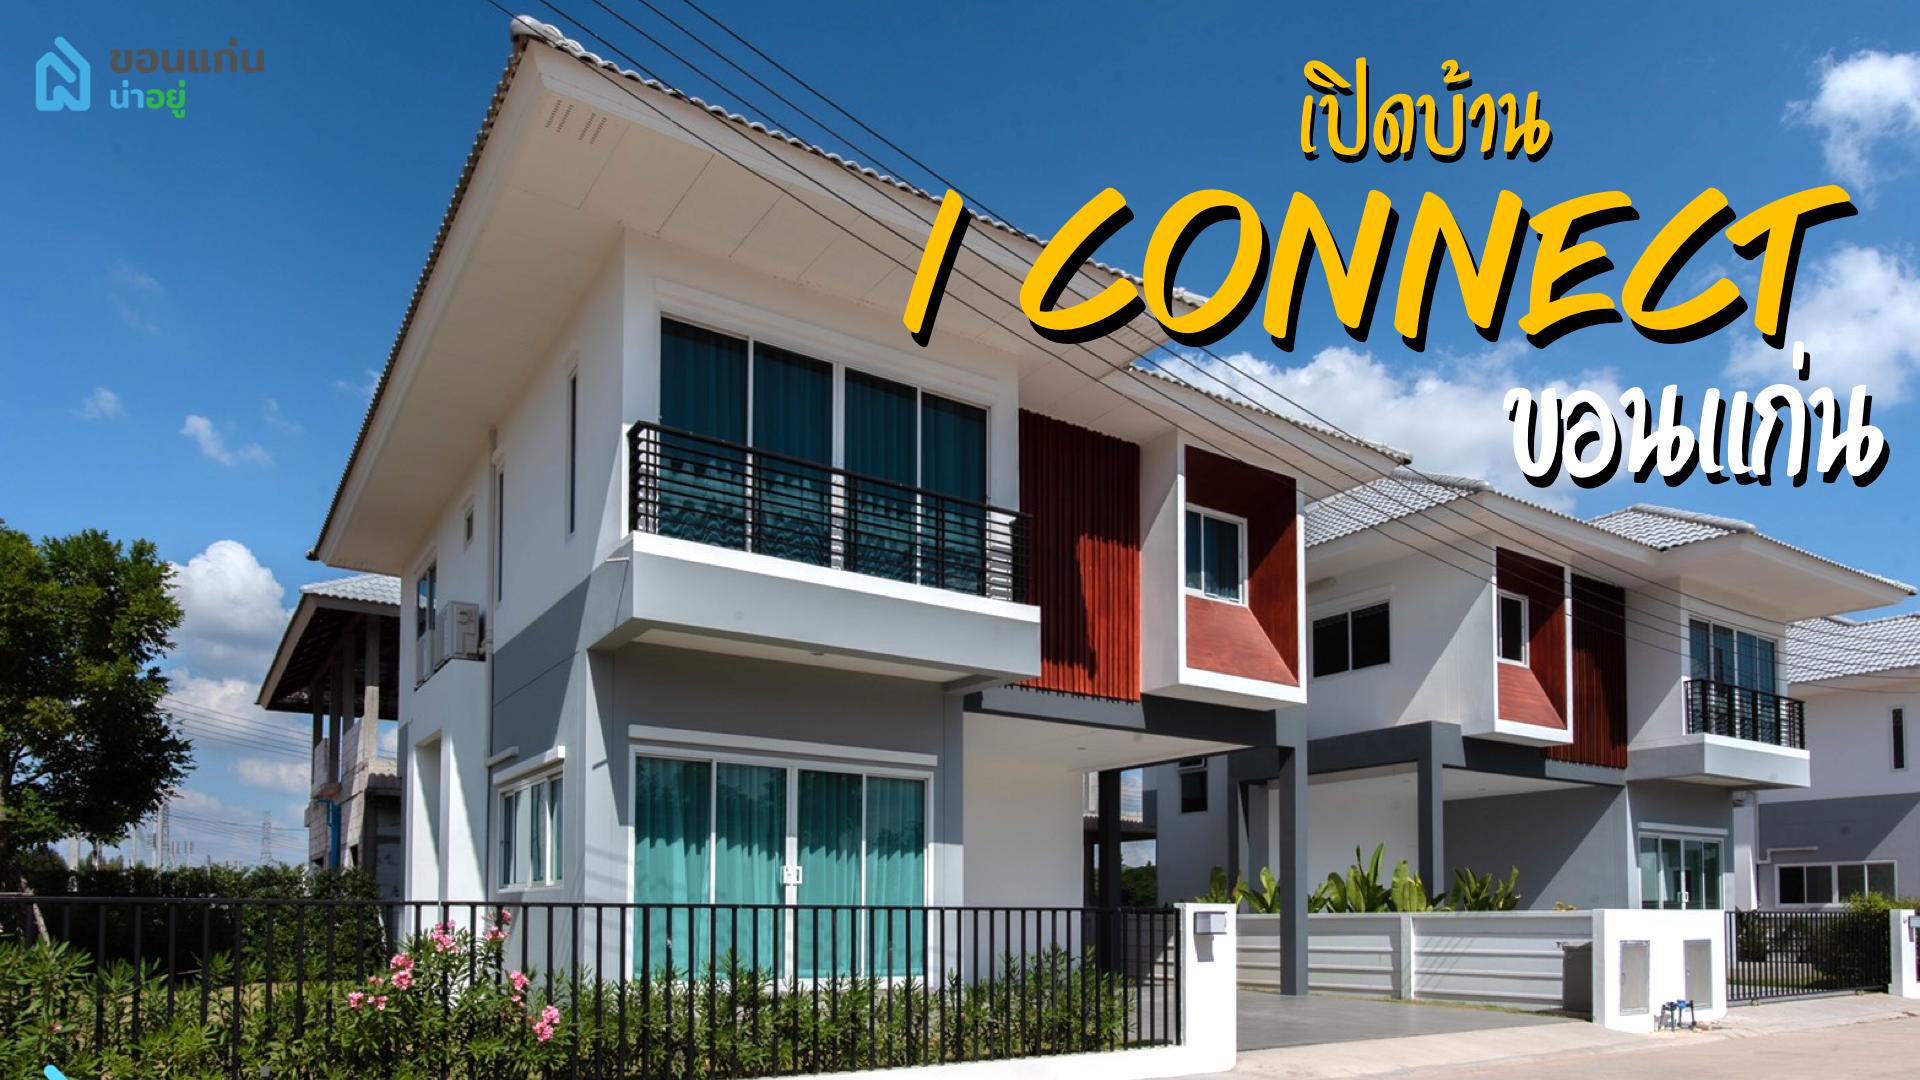 [รีวิวบ้านใหม่] 'ตงกุ่ยเข้าบ้าน' EP 3 - โครงการไอคอนเนค ขอนแก่น บ้านสะอาด (I Connect)